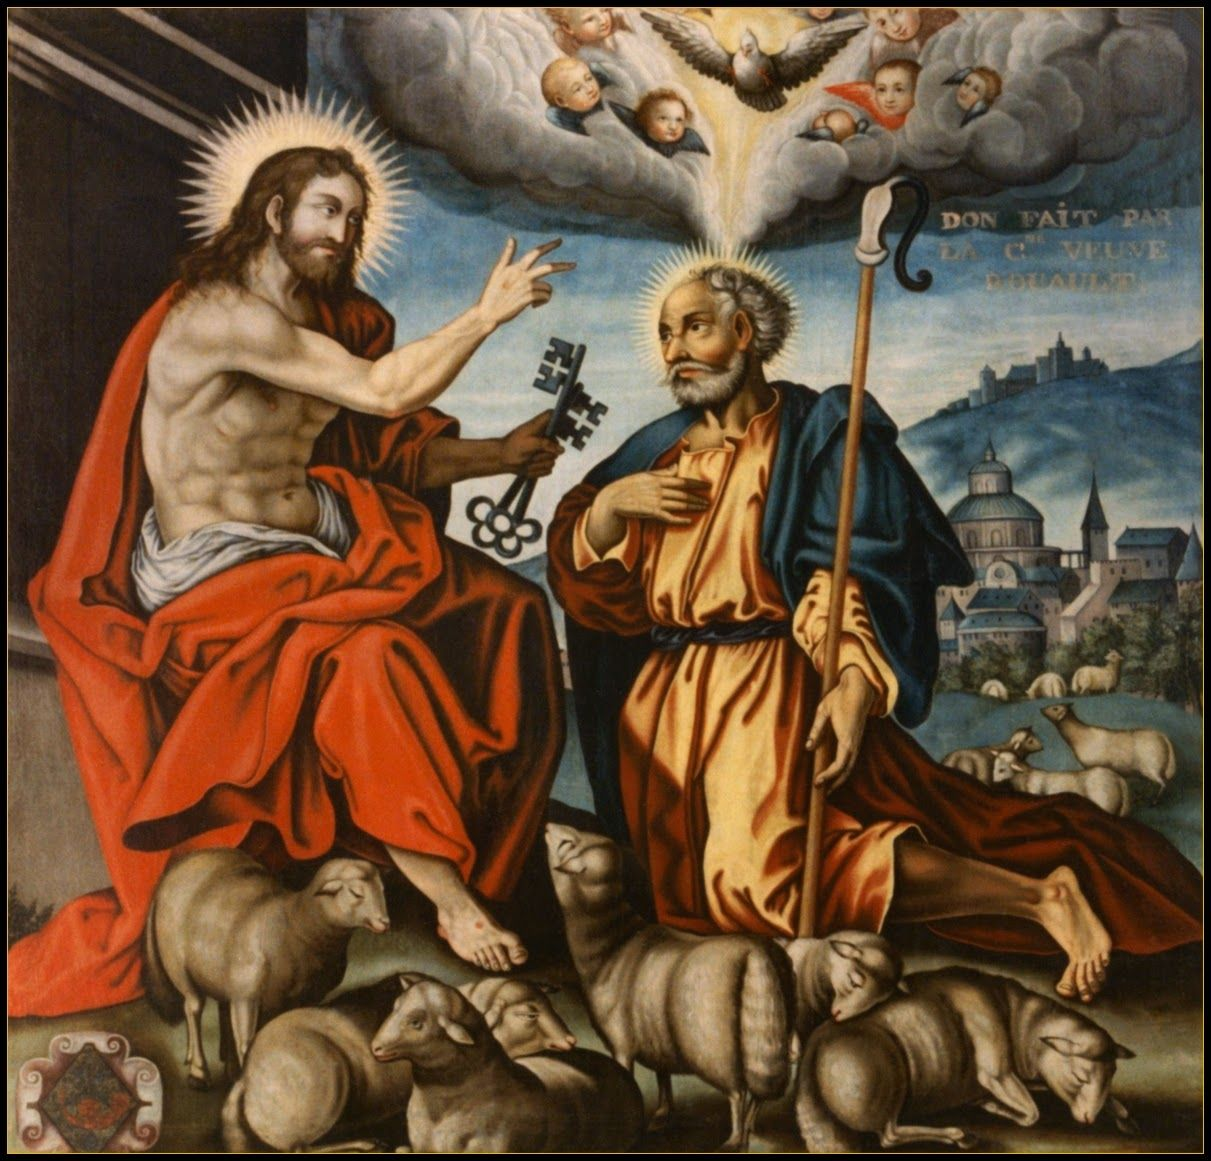 Joe Catholic Today's Navarre Bible commentary examines